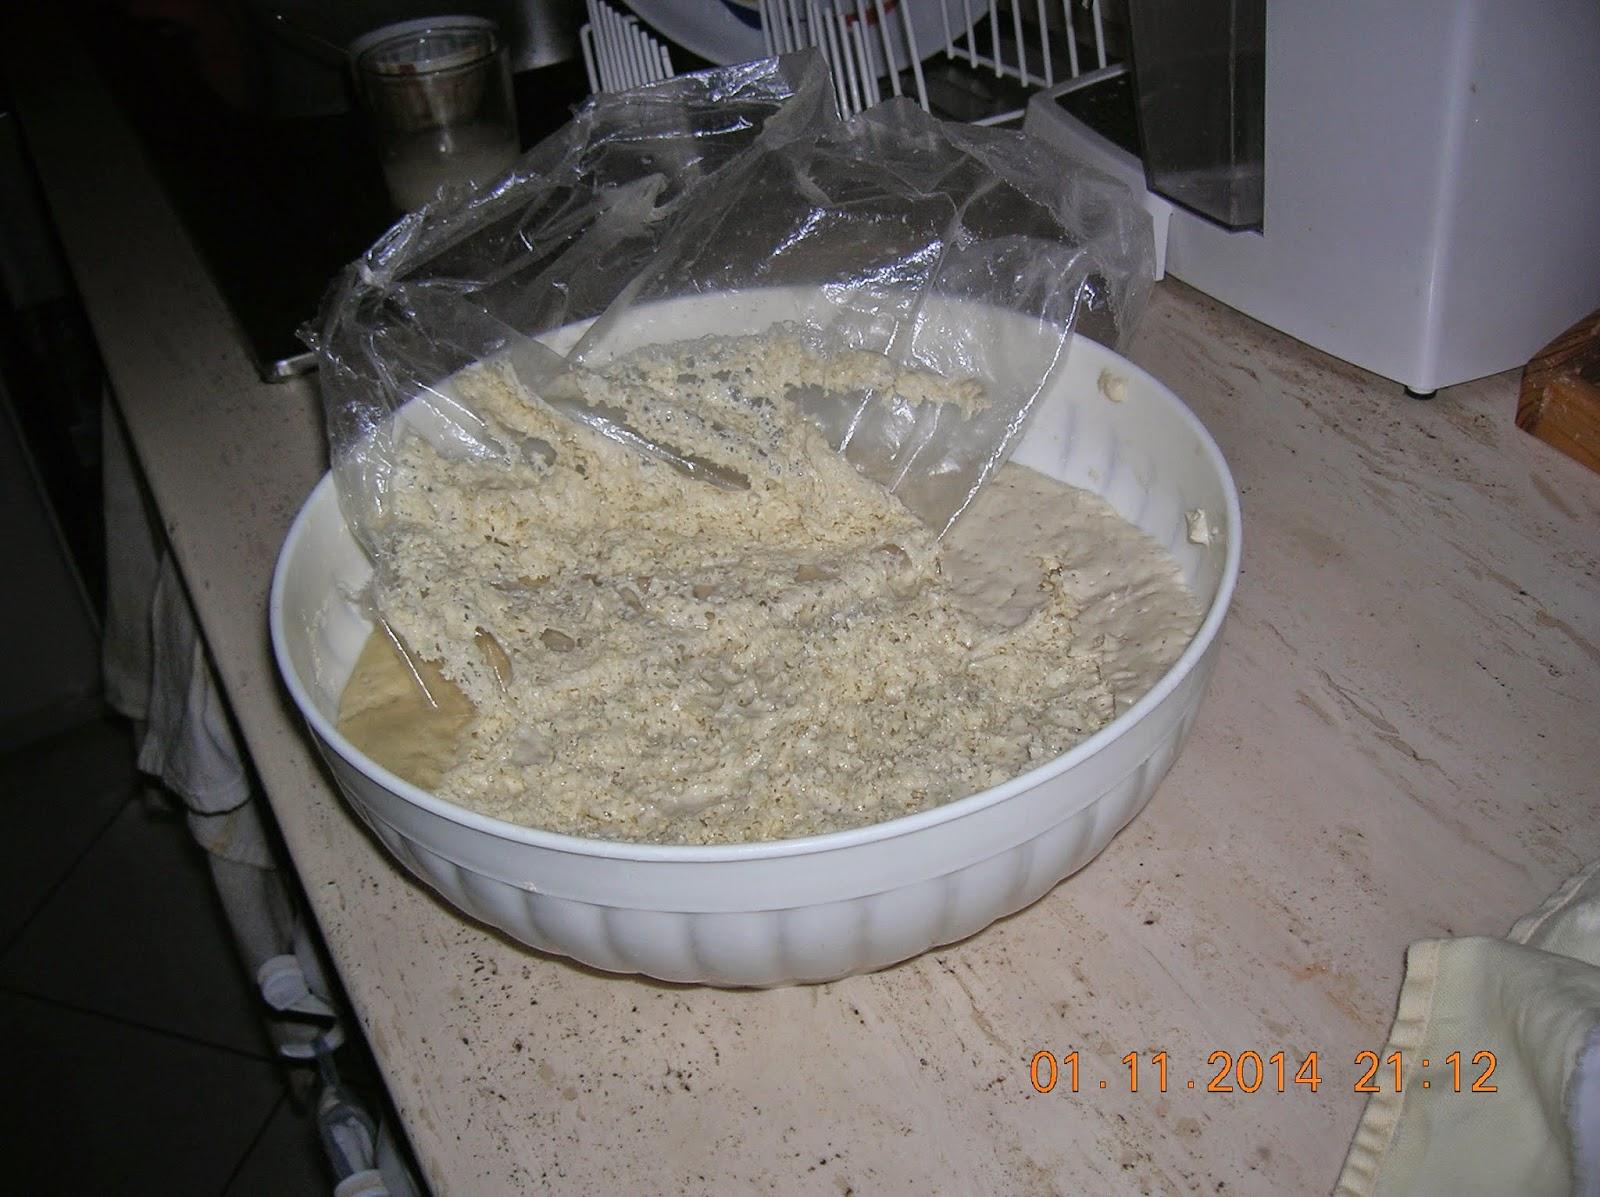 pane casereccio con lievito madre..cotto in forno elettrico ----  ricetta del lievito madre...